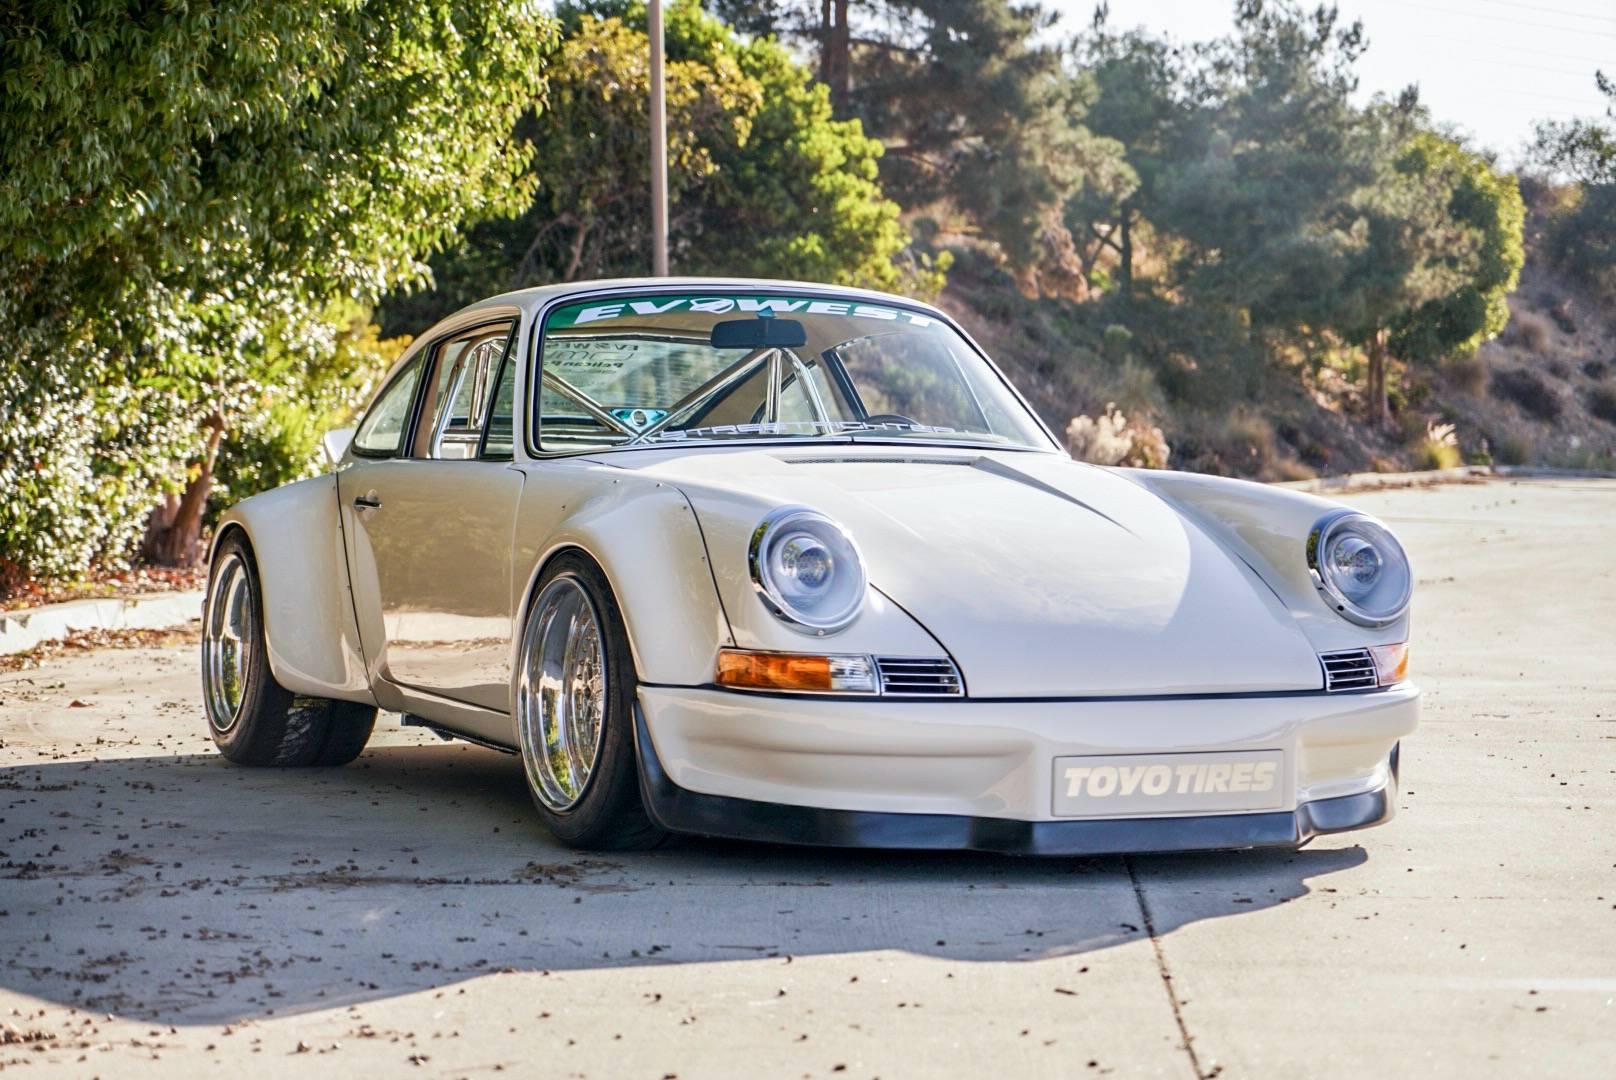 Продолжаем знакомить вас с премьерами тюнинг-шоу SEMA. Очередным дебютантом мероприятия стал кастомный Porsche 911 образца 1977 года с агрегатами Tesla Model S Performance.